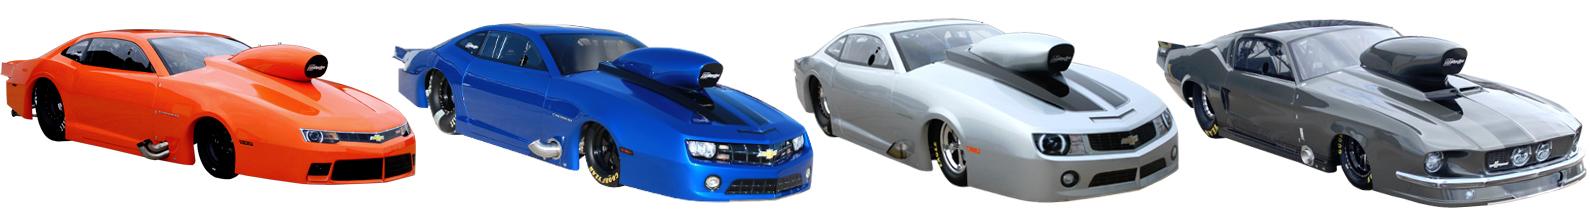 pro-nitrous-cars.jpg